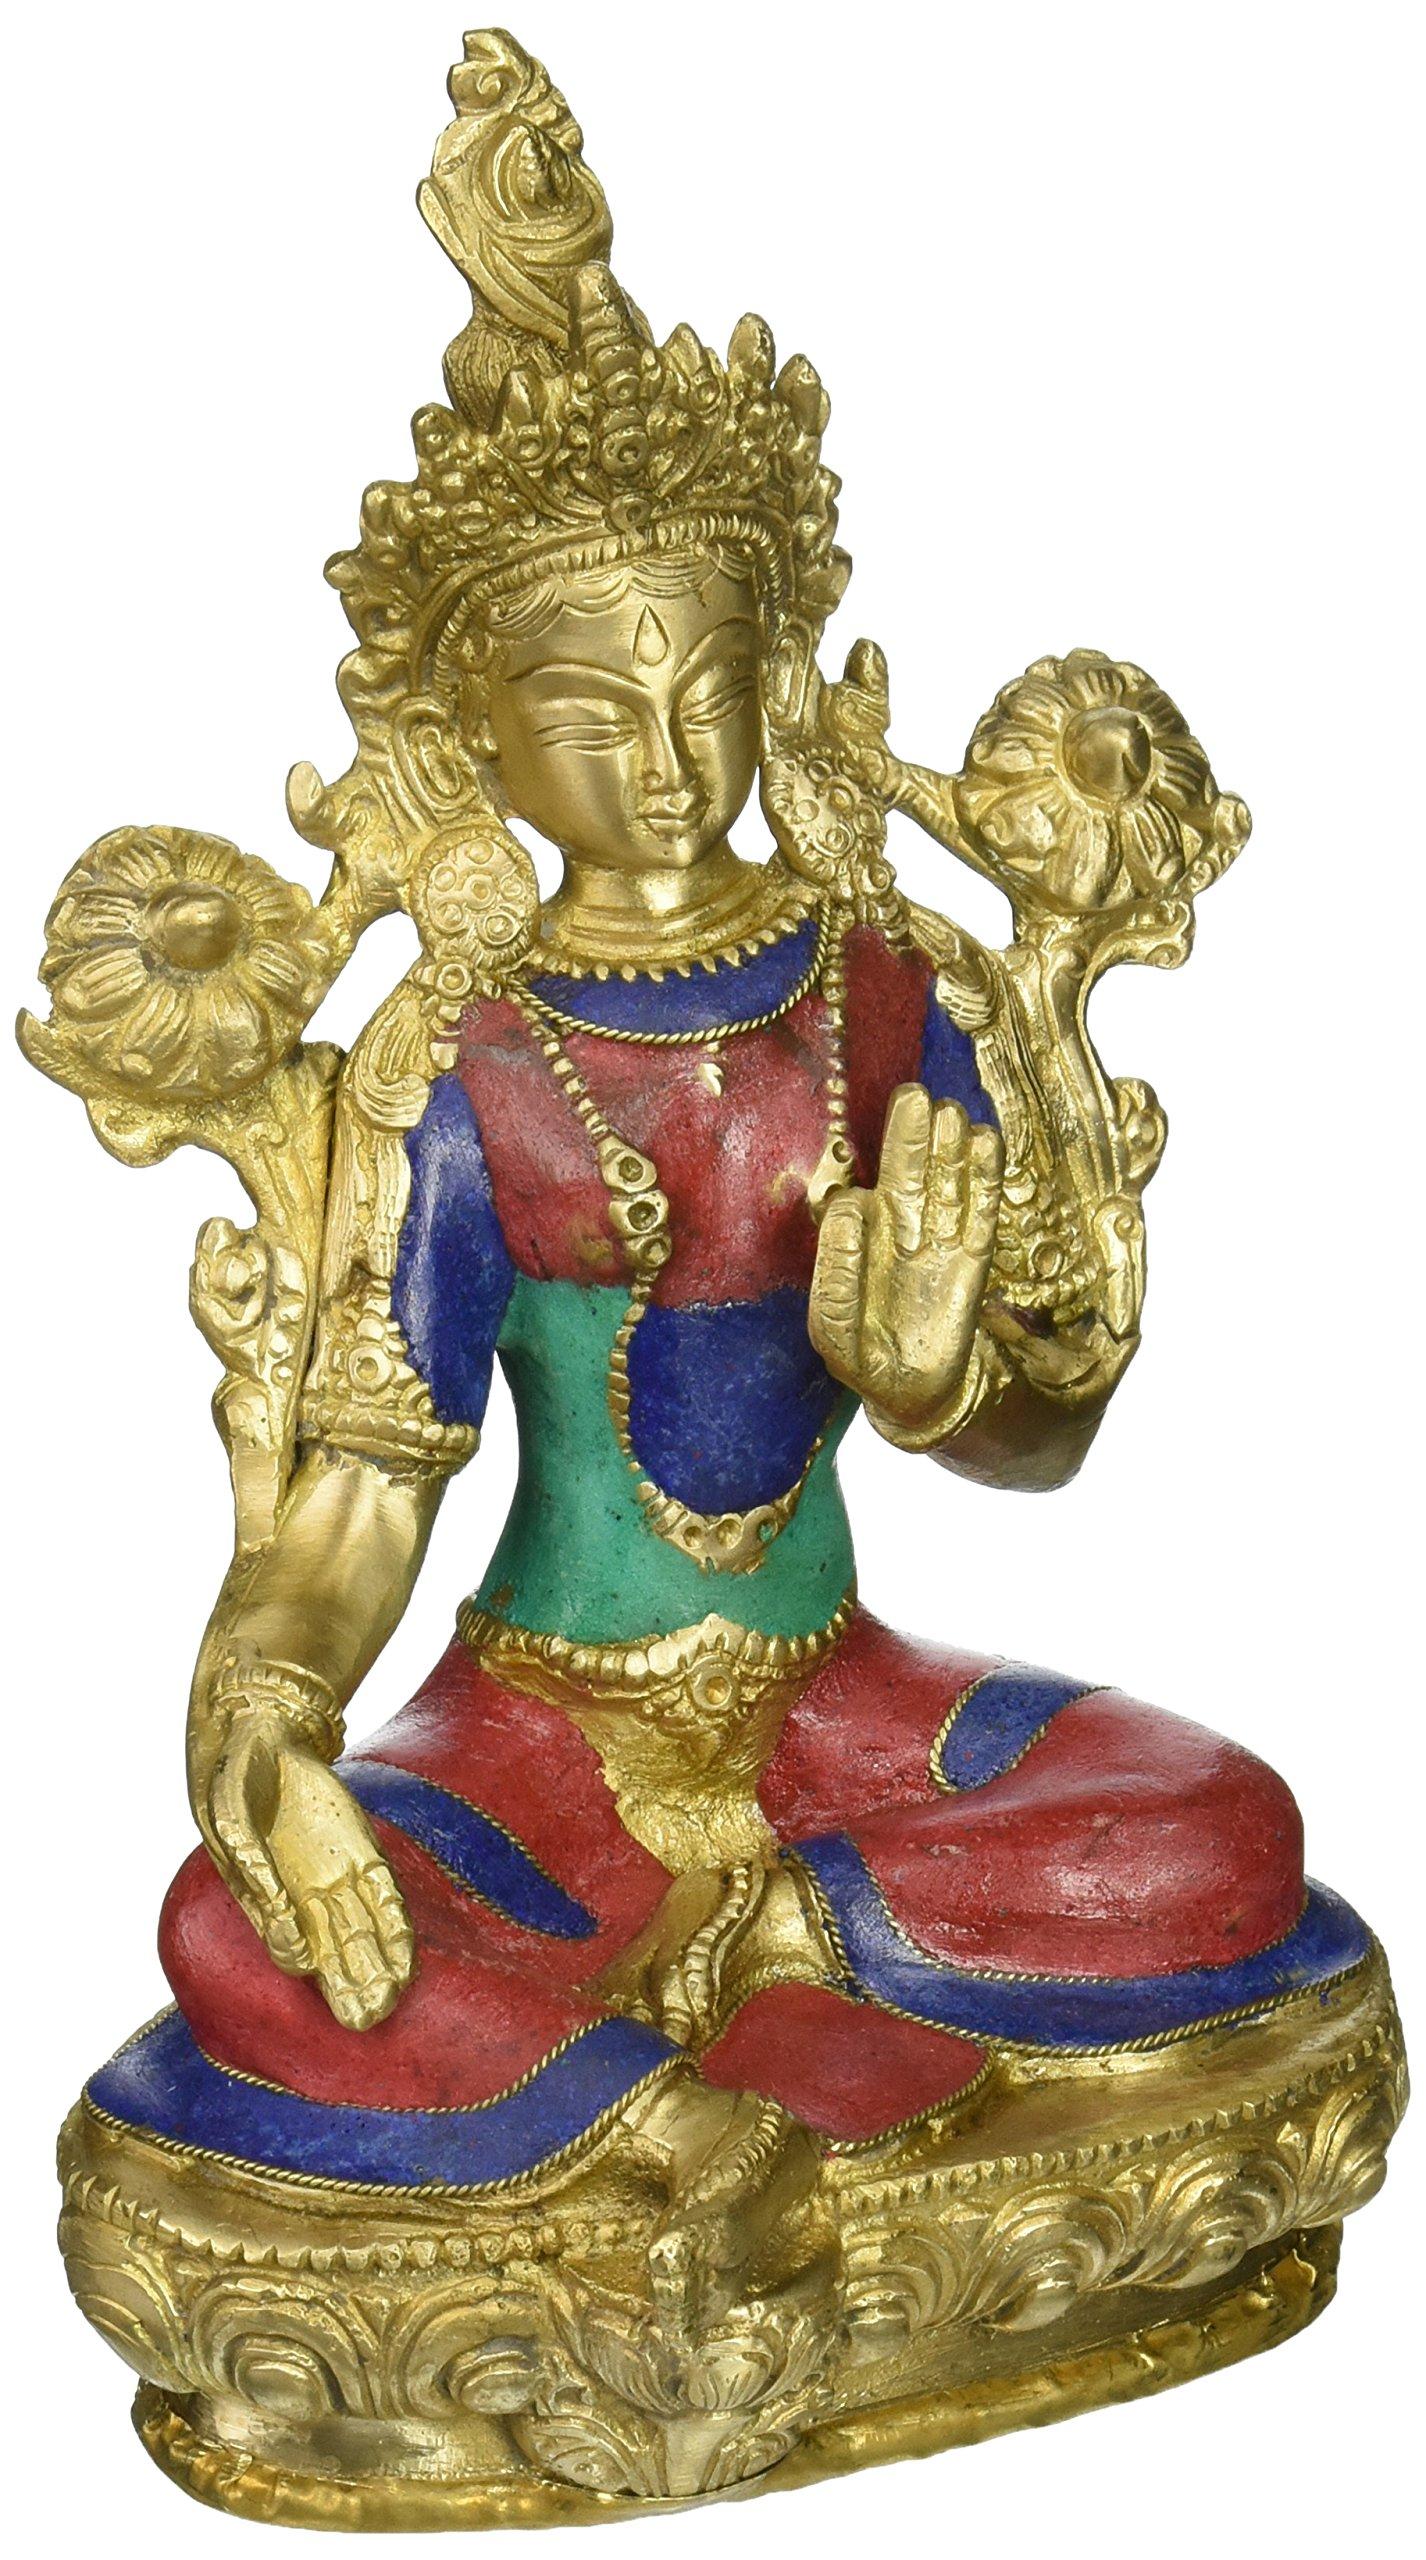 AapnoCraft Attractive Tara Buddha Statue Thai Goddess Lady Buddha Sculpture Brass Buddhist Figurine Garden Decor Valentine Gifts by AapnoCraft